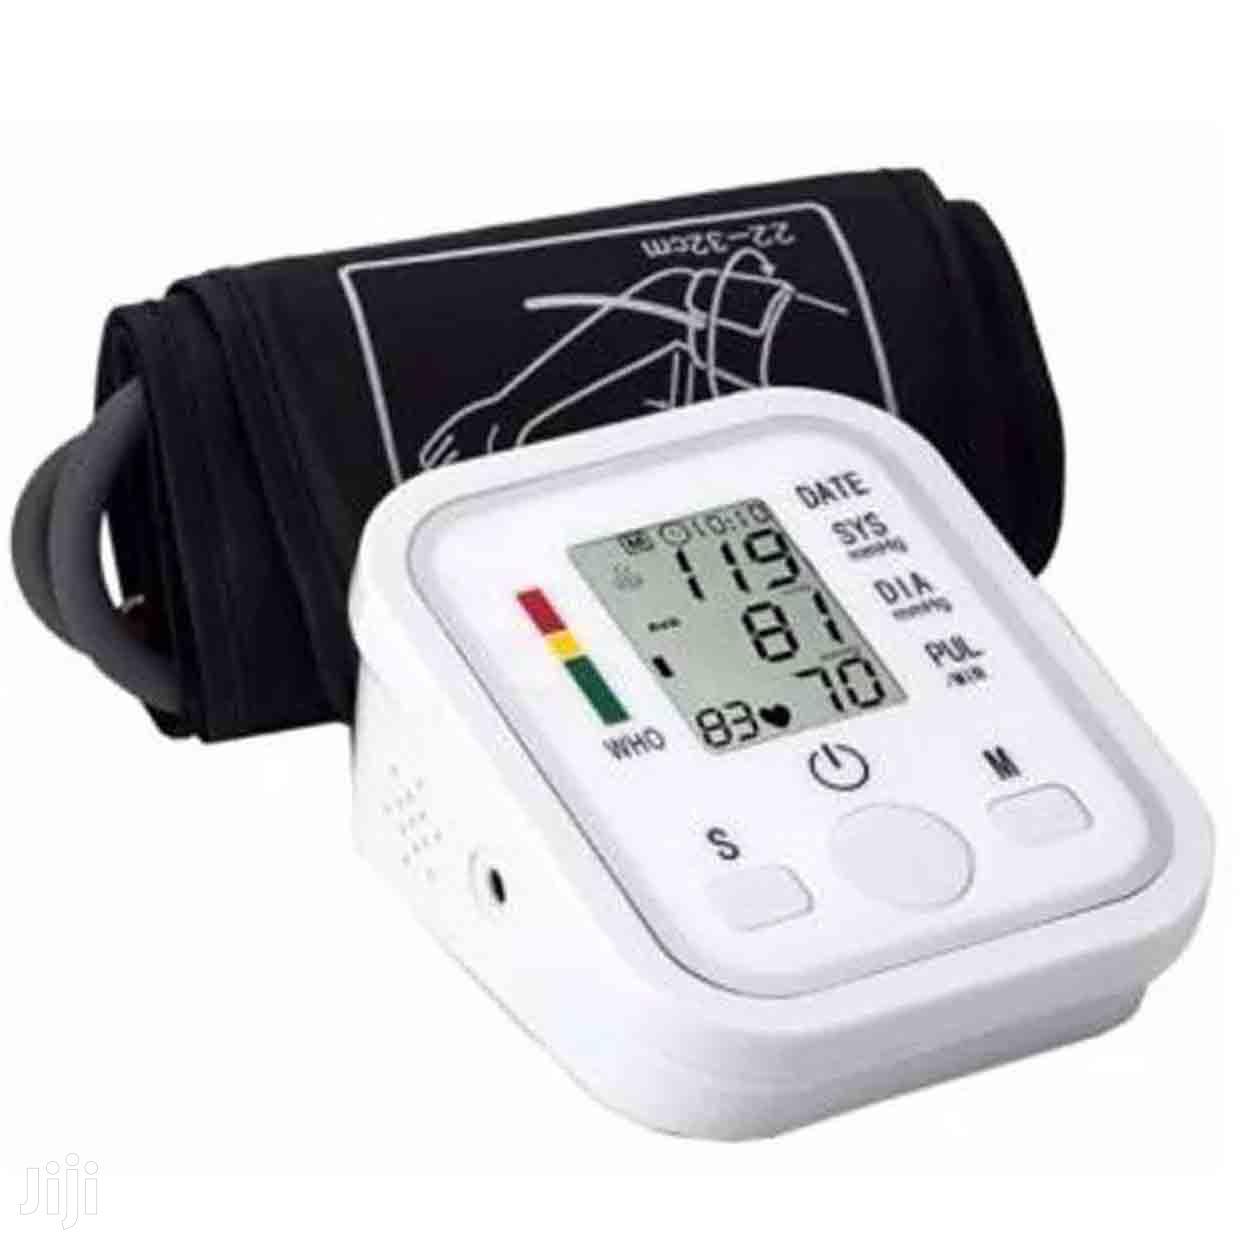 Blood Pressure Monitor/Checker